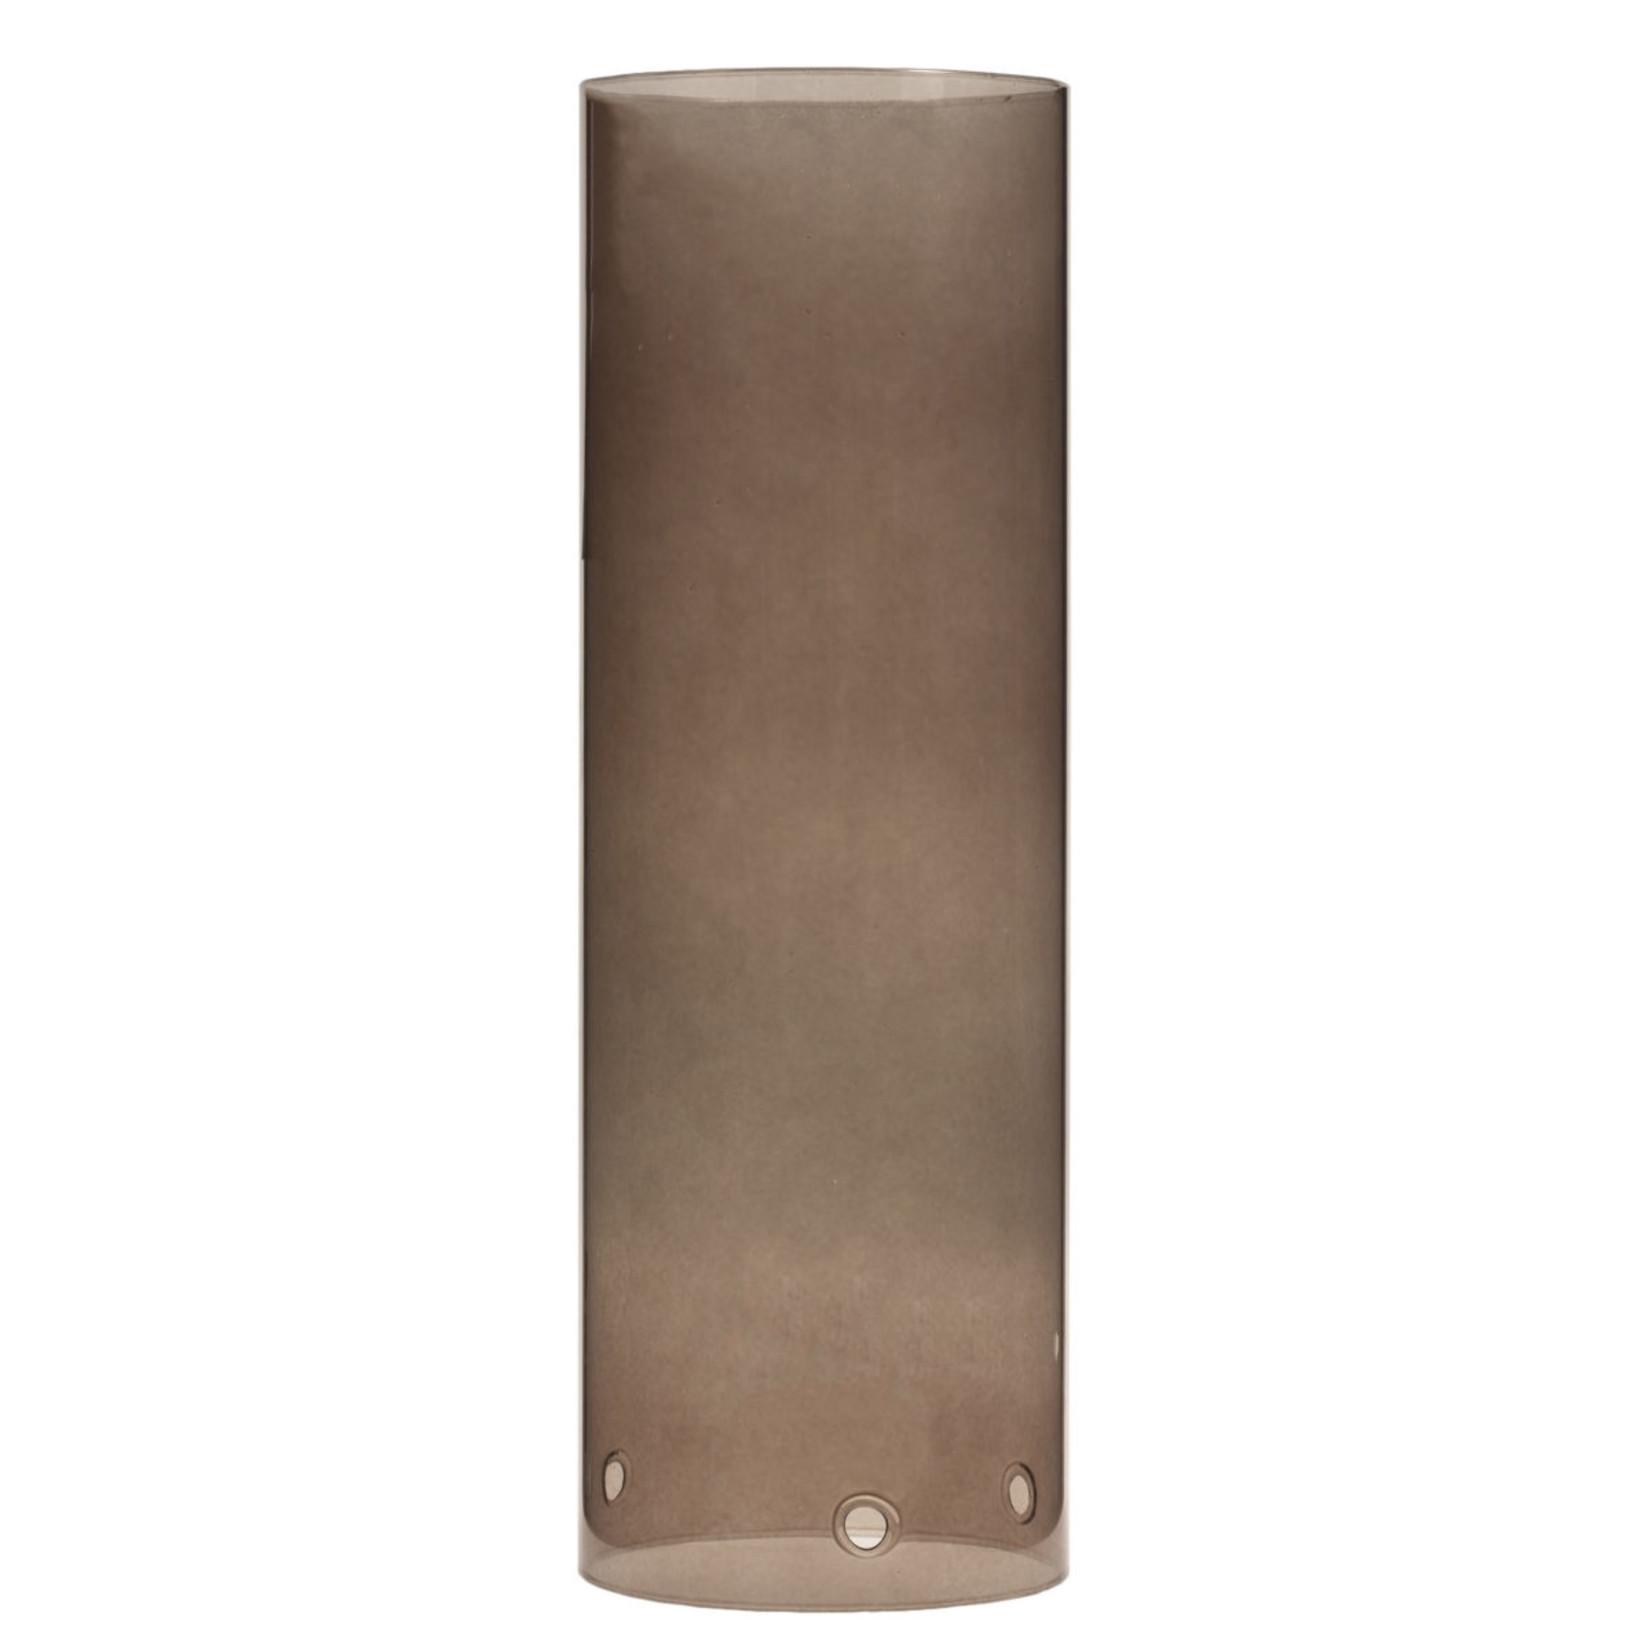 Storefactory  Glaszylinder braun straight